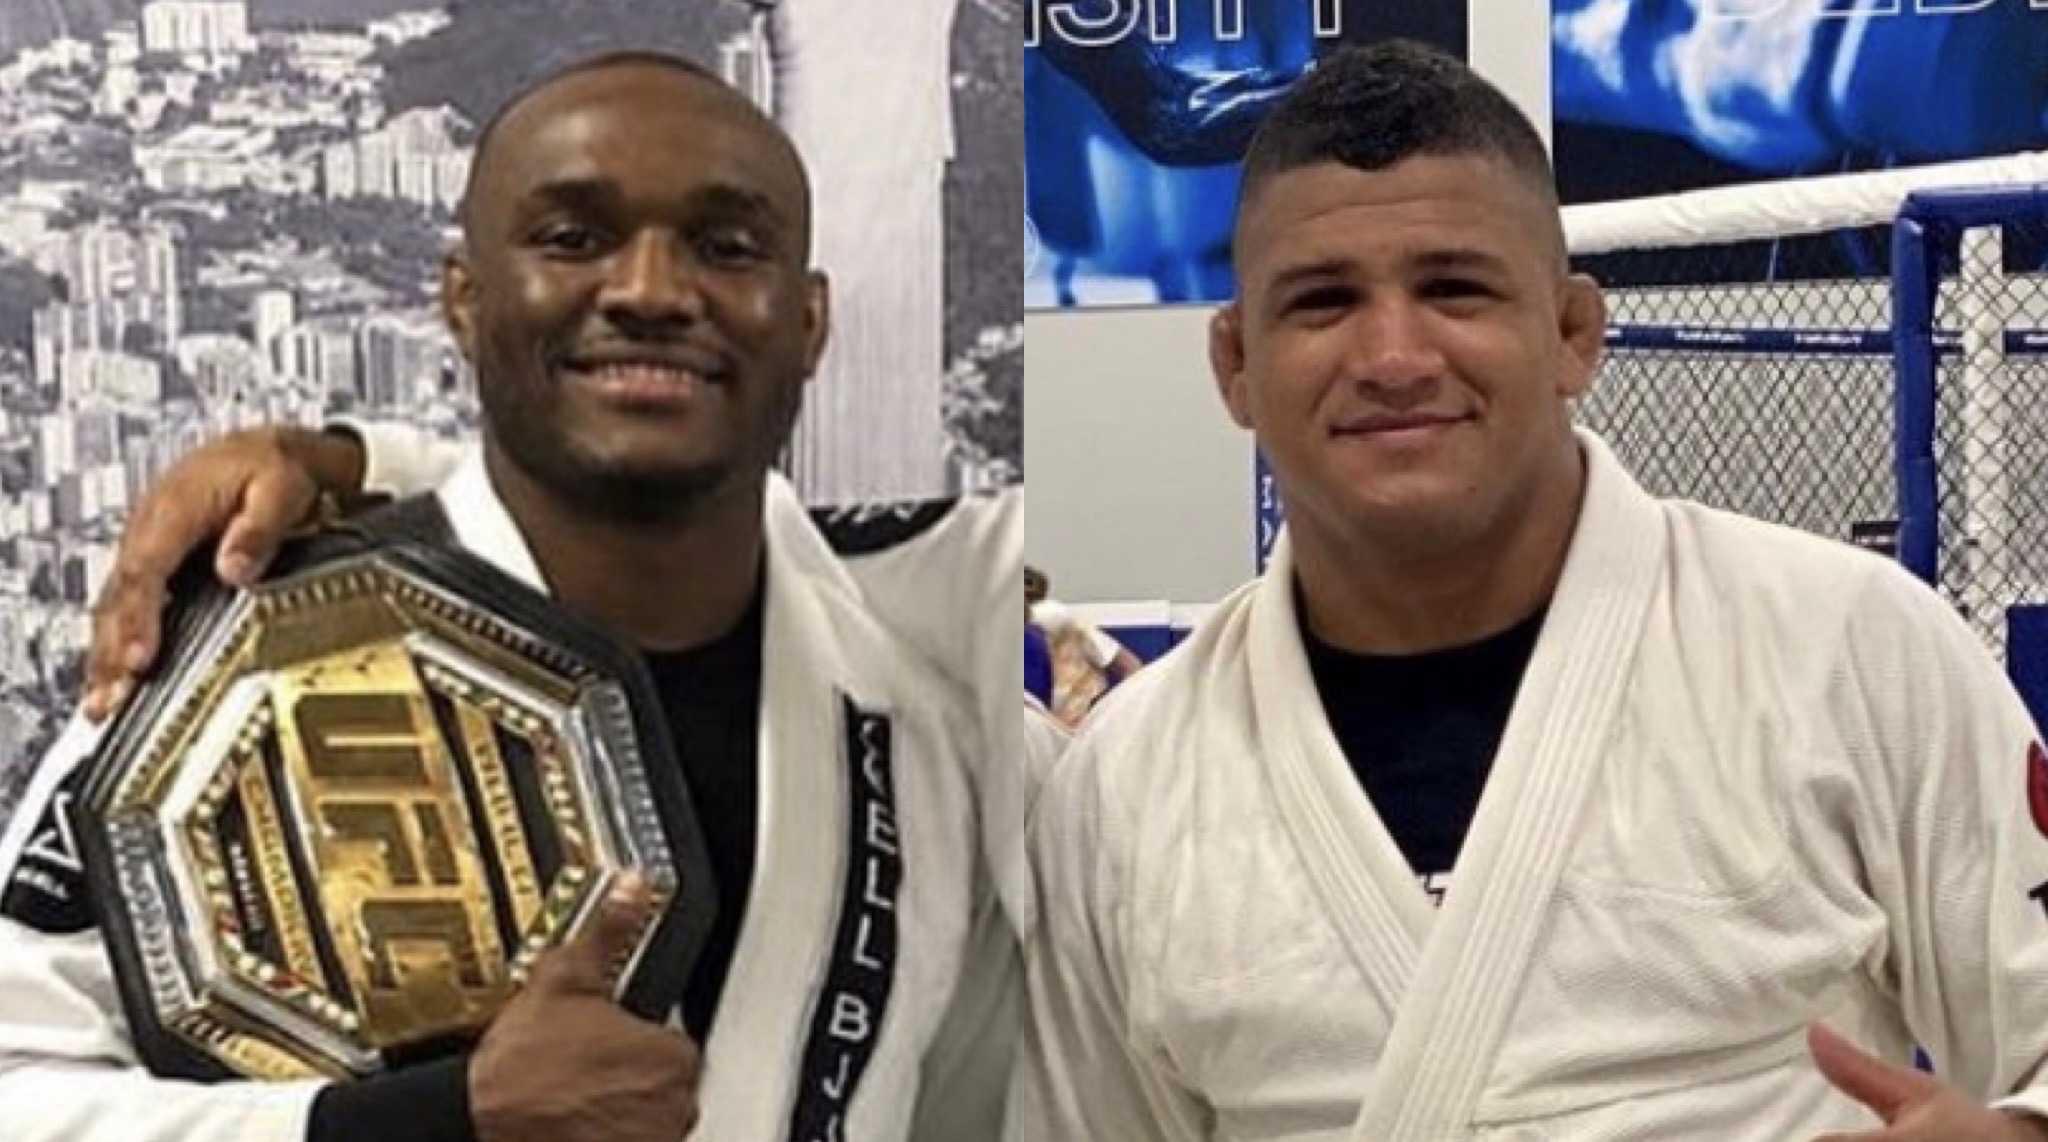 Usman vs Burns to Headline UFC 258